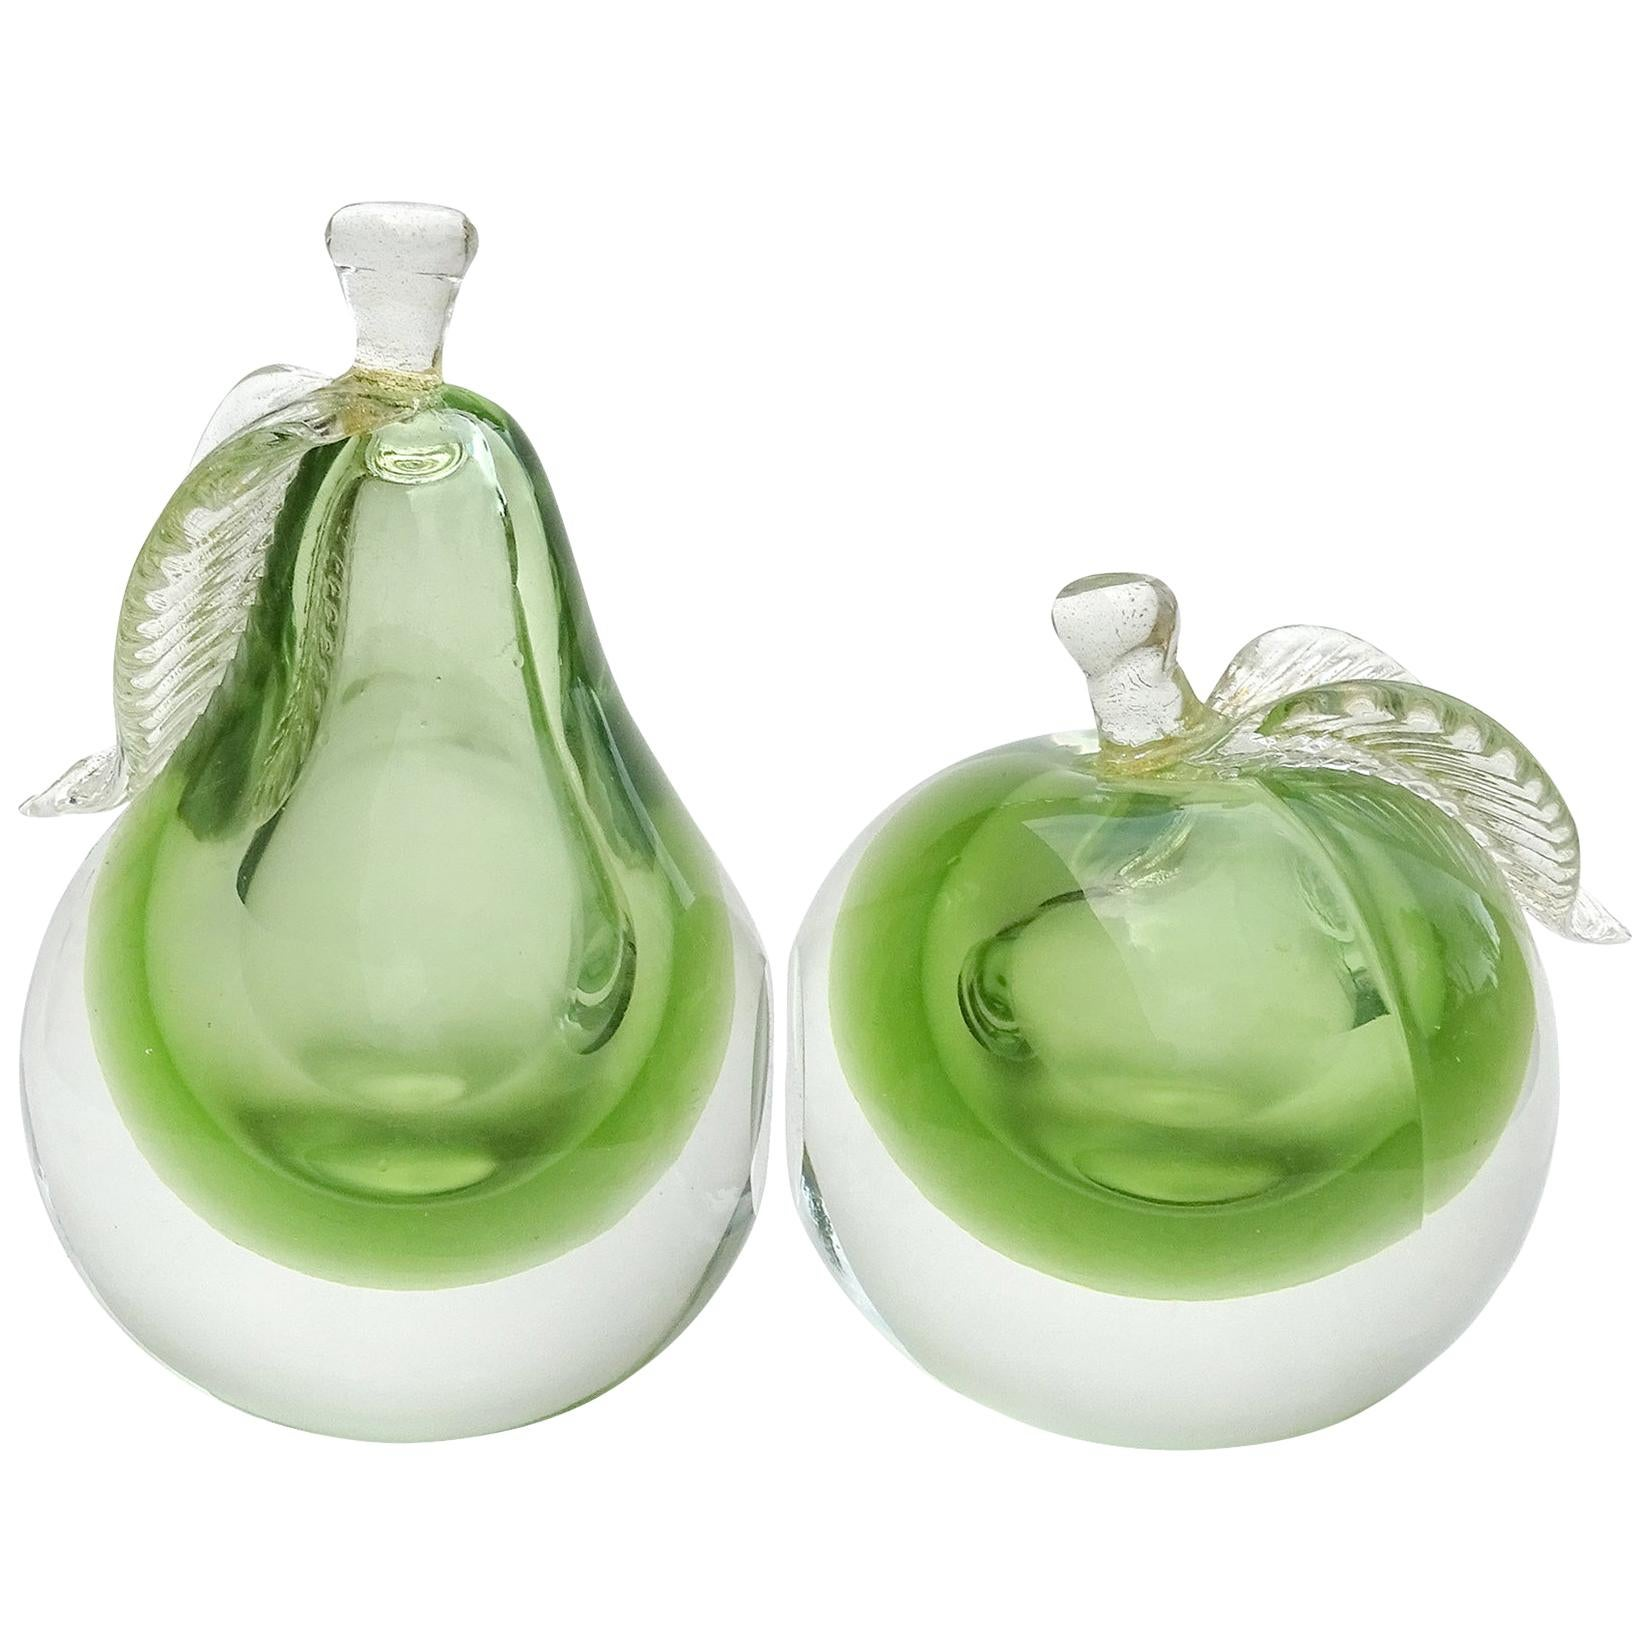 Barbini Murano Sommerso Apple Green Gold Flecks Italian Art Glass Fruit Bookends